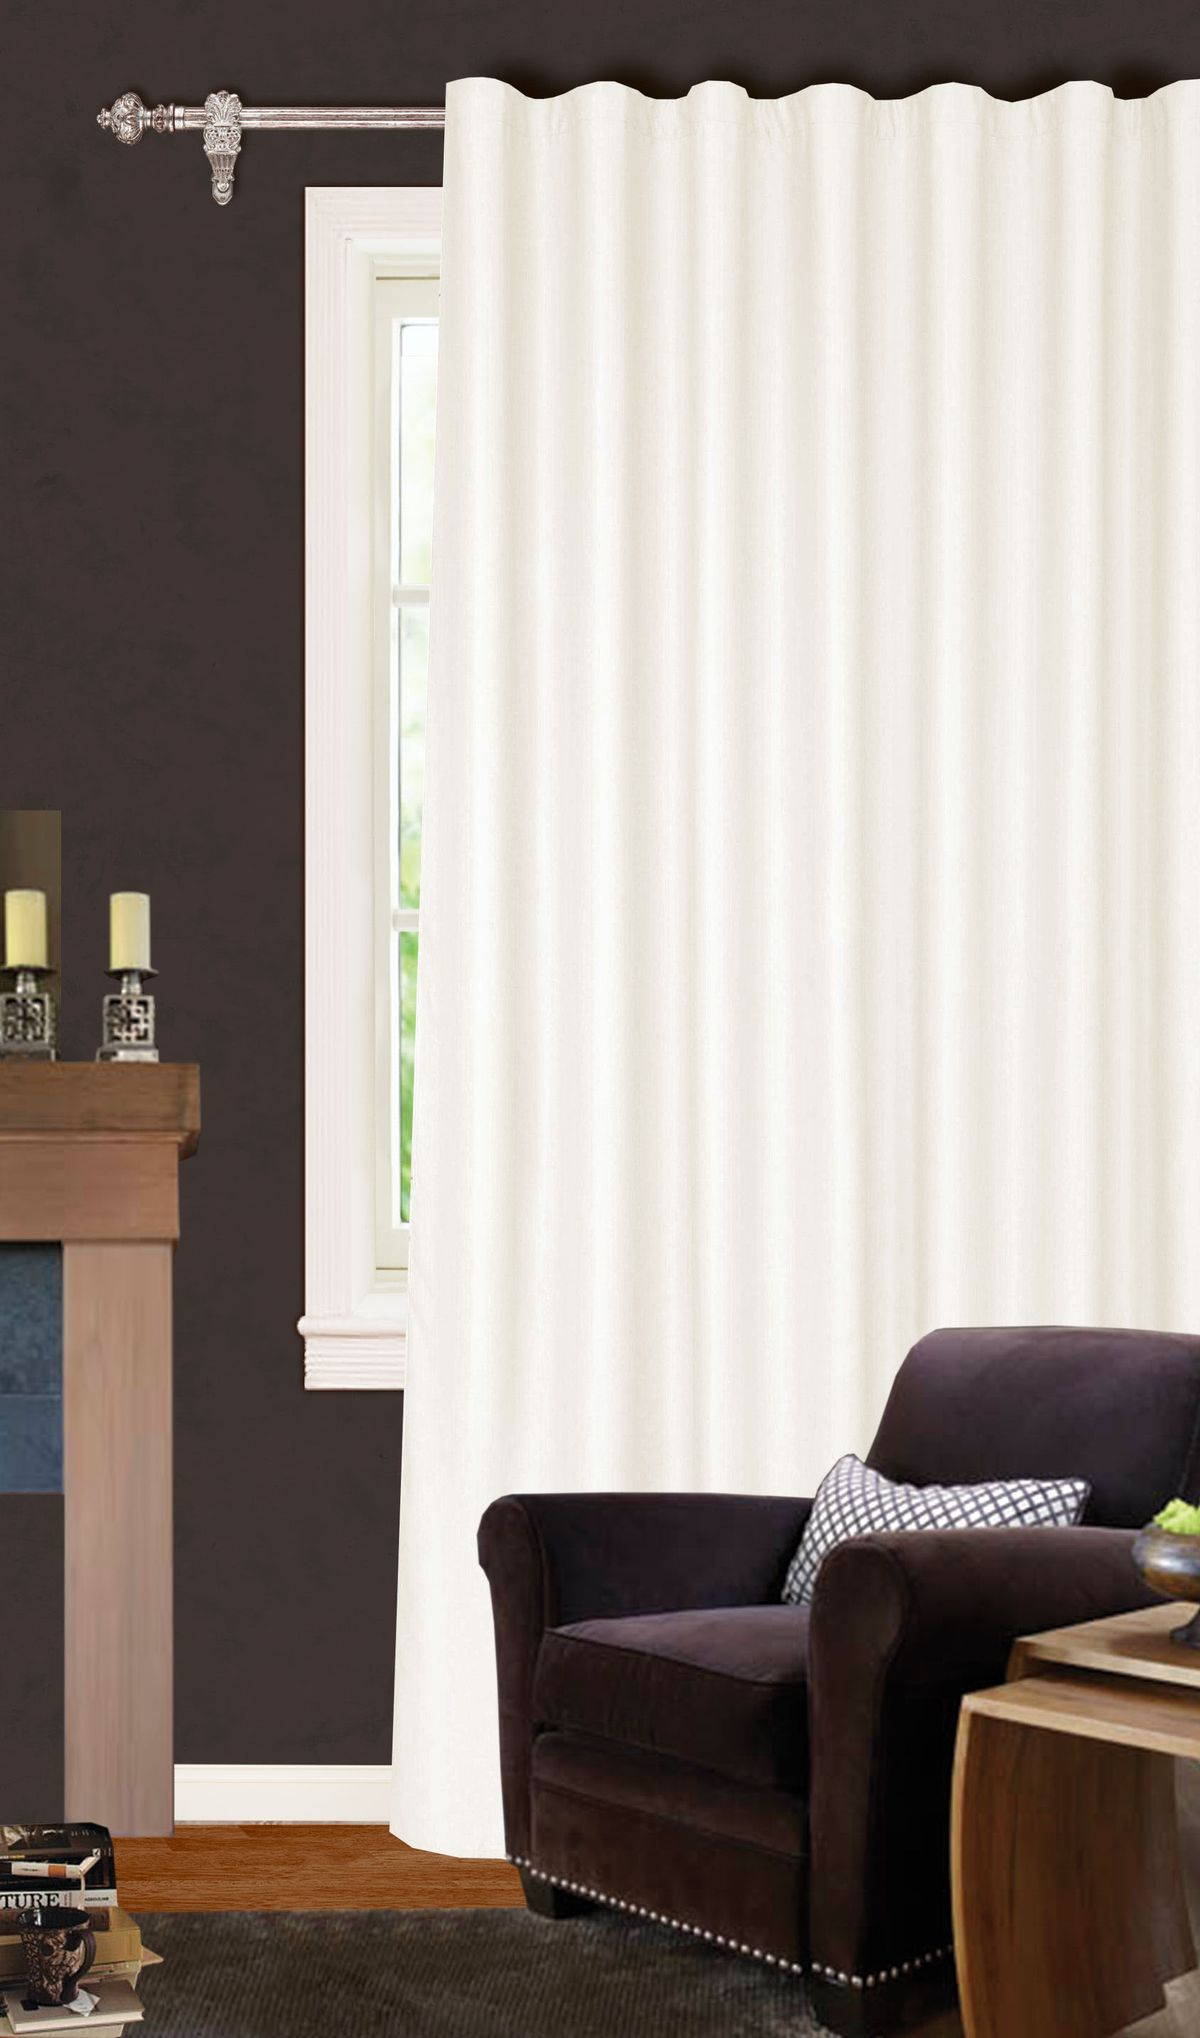 Штора Garden, на ленте, цвет: экрю, высота 260 см. С W1223 V711731004900000360Изящная штора для гостиной Garden выполнена из ткани с оригинальной структурой. Приятная текстура и цвет штор привлекут к себе внимание и органично впишутся в интерьер помещения. Штора крепится на карниз при помощи ленты, которая поможет красиво и равномерно задрапировать верх.